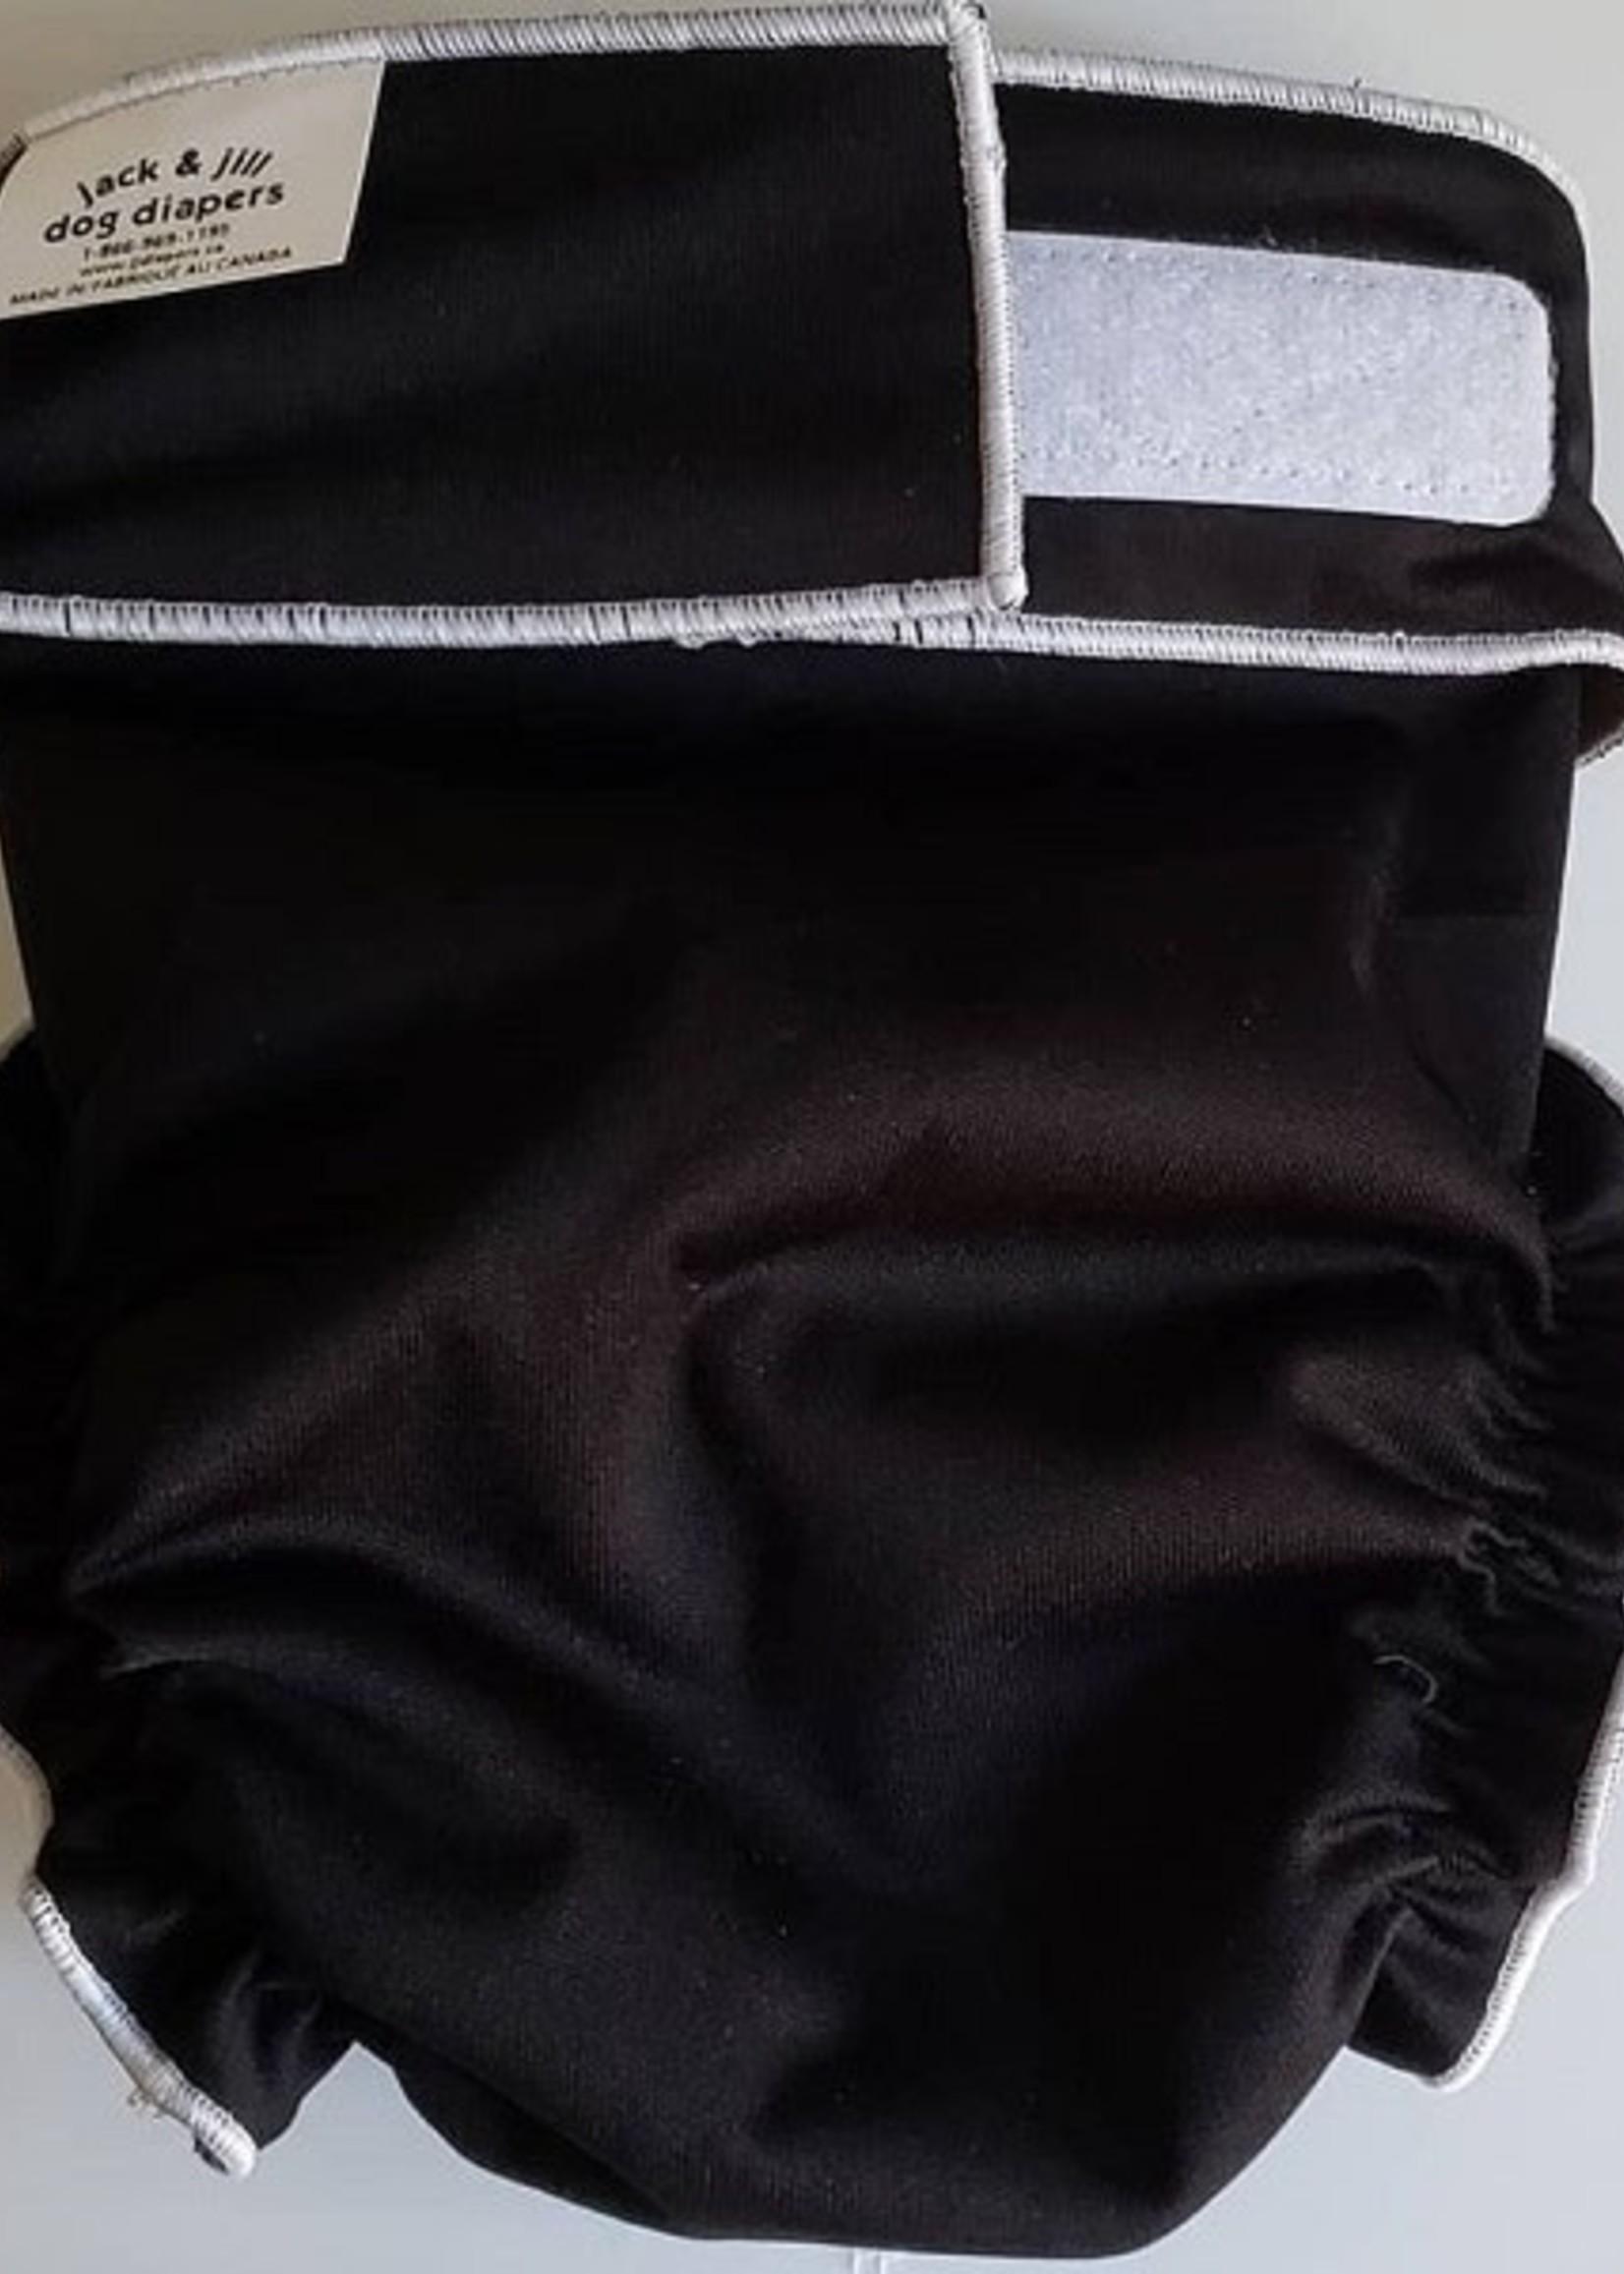 Jack N Jill Female Dog Diaper 2XS Black